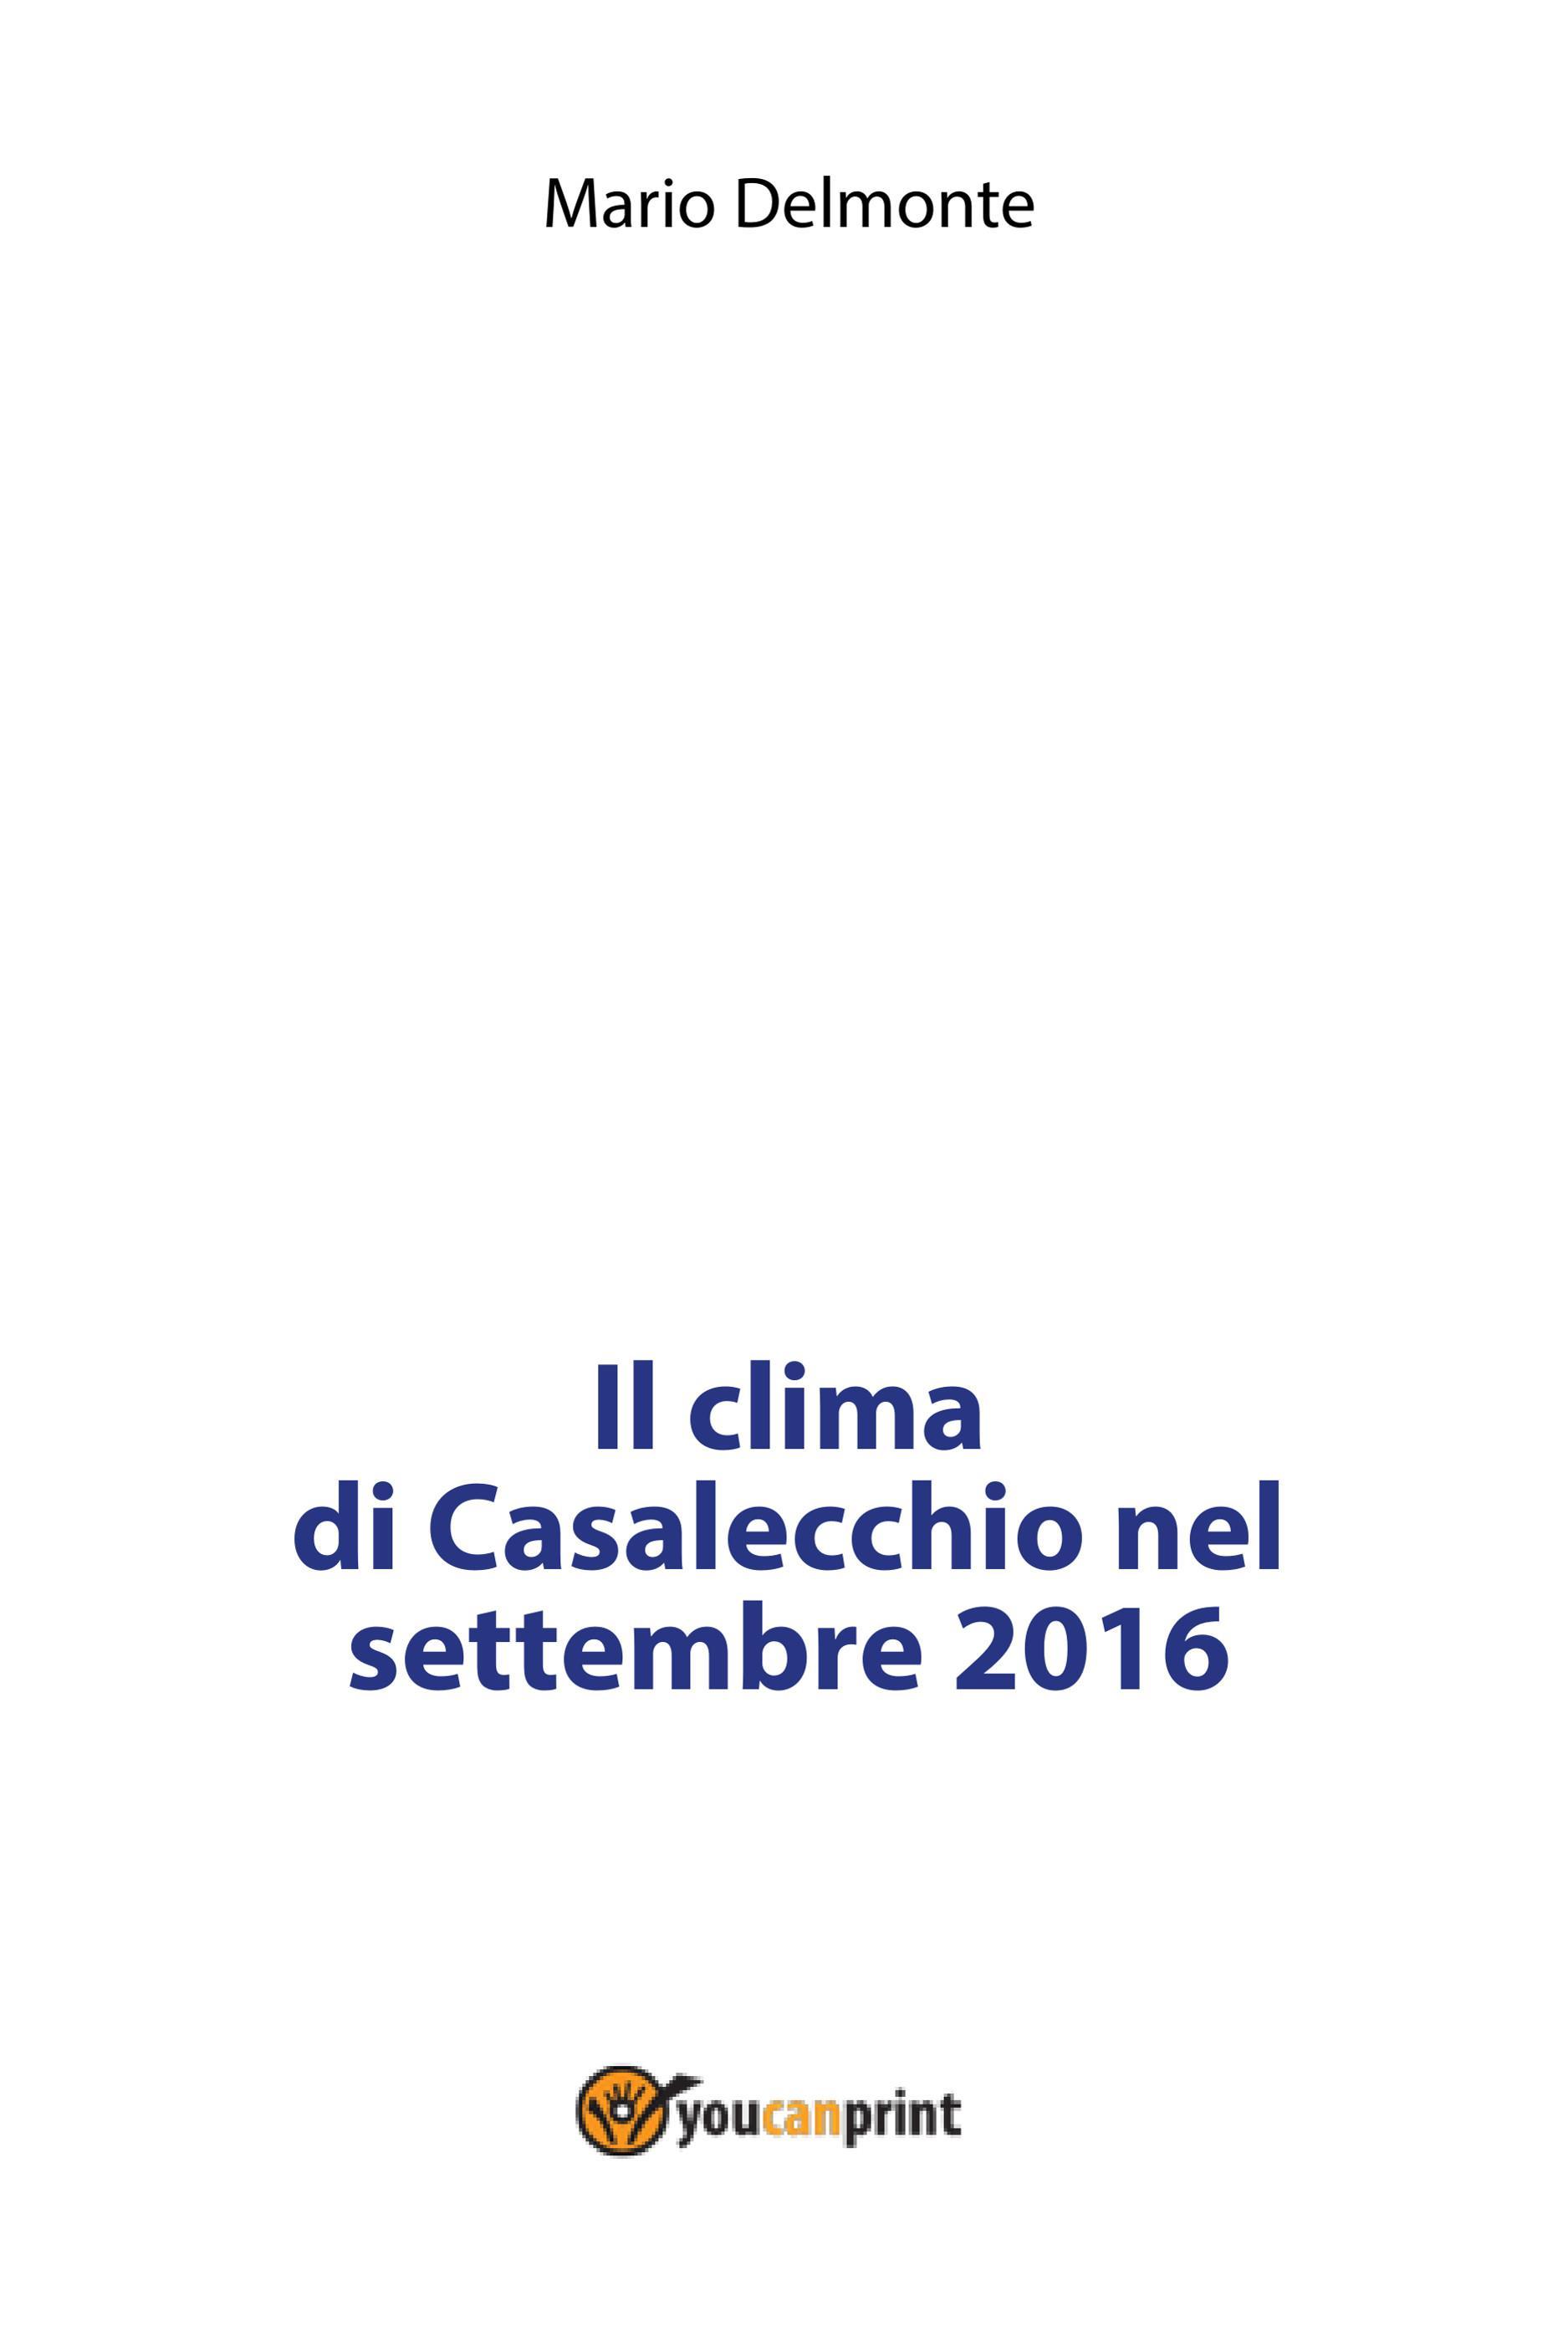 Il clima di Casalecchio nel settembre 2016